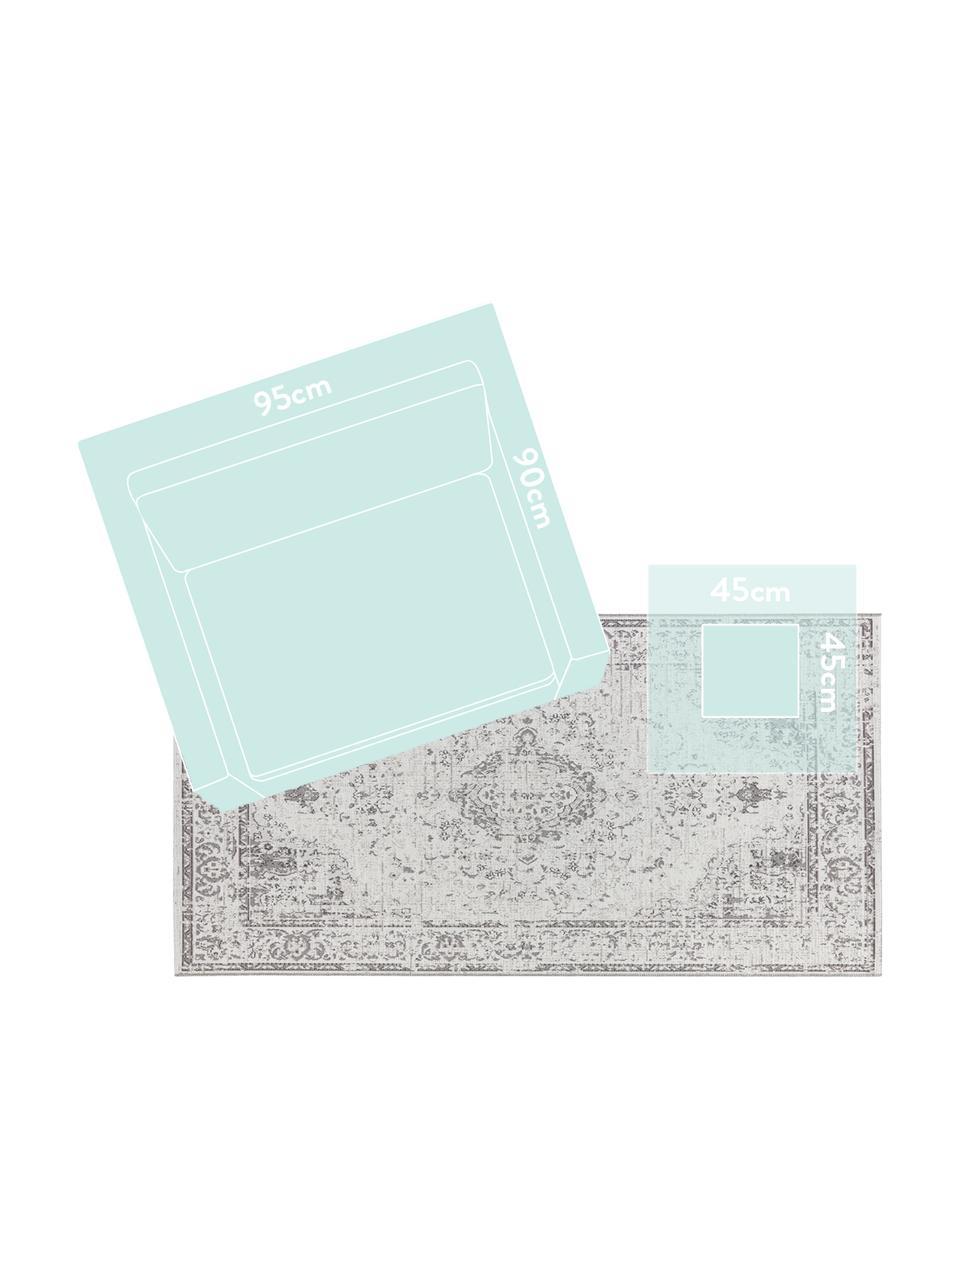 Chodnik wewnętrzny/zewnętrzny vintage Cenon, 100% polipropylen, Kremowy, szary, S 190 x D 290 cm (Rozmiar L)